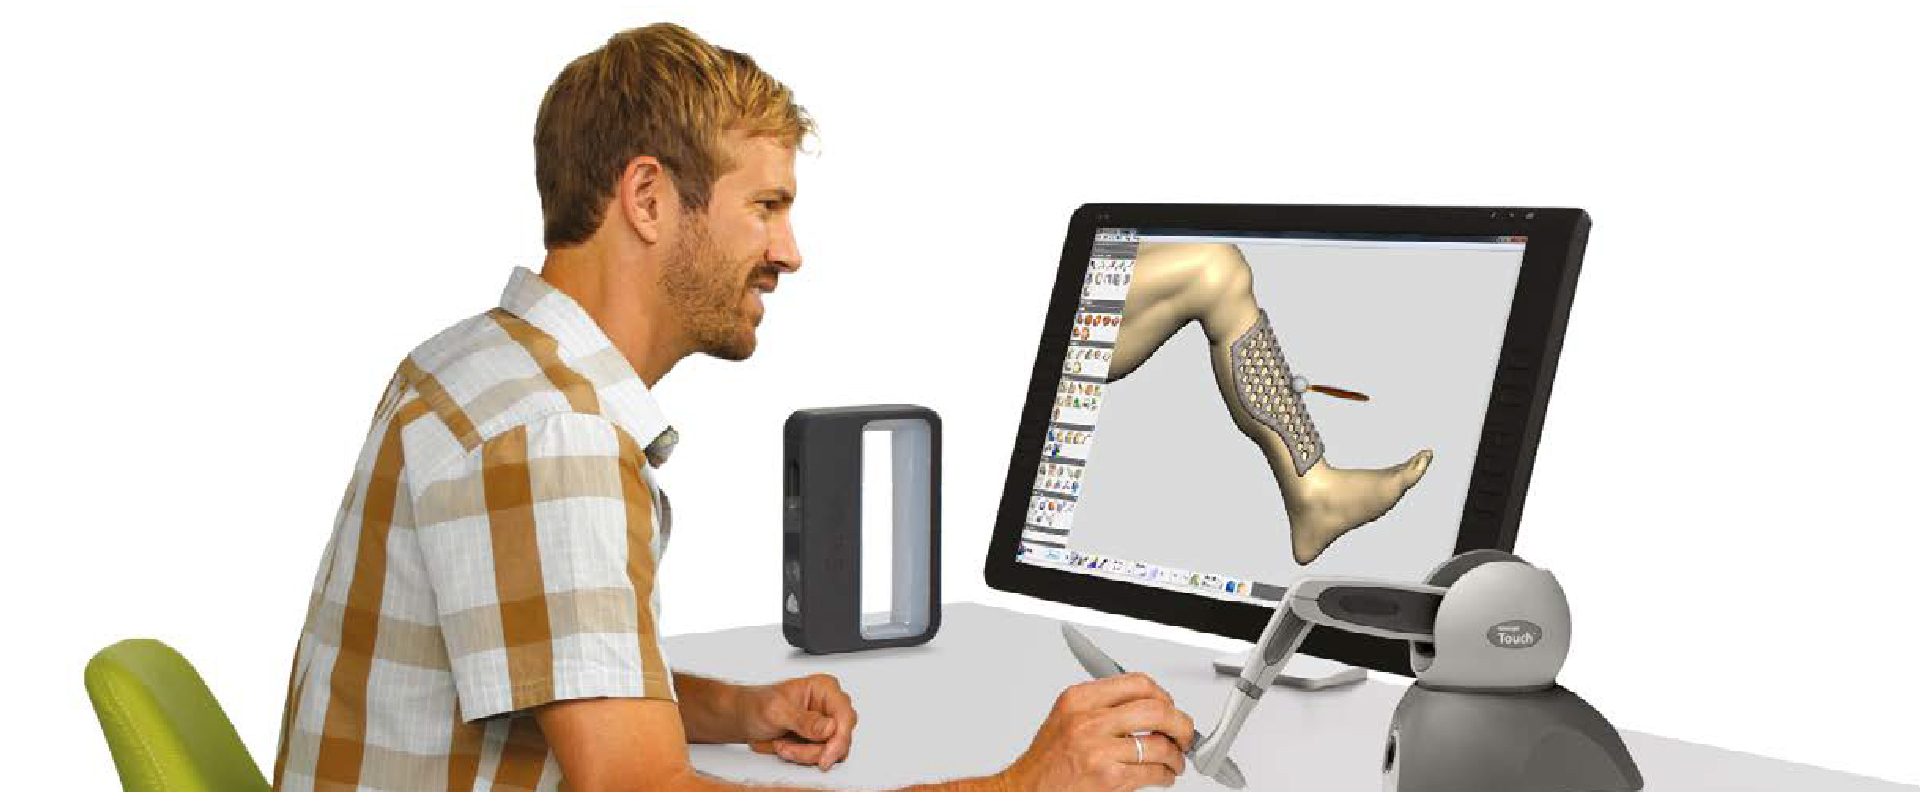 Sculpt Software 3D